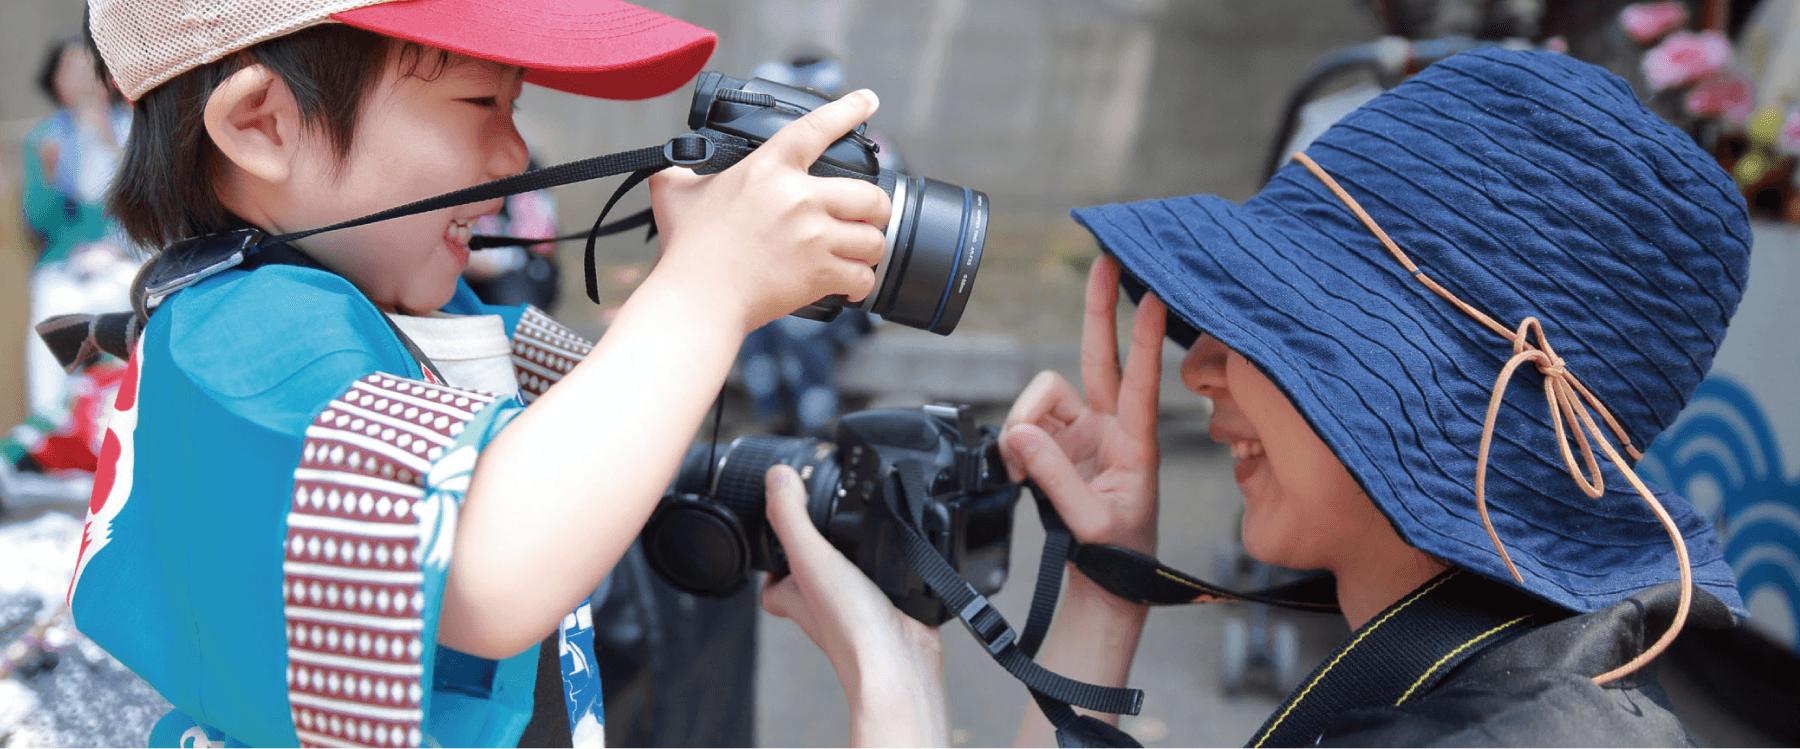 カメラ・レンズの買取専門店 カメラ総合買取ネットイメージ1